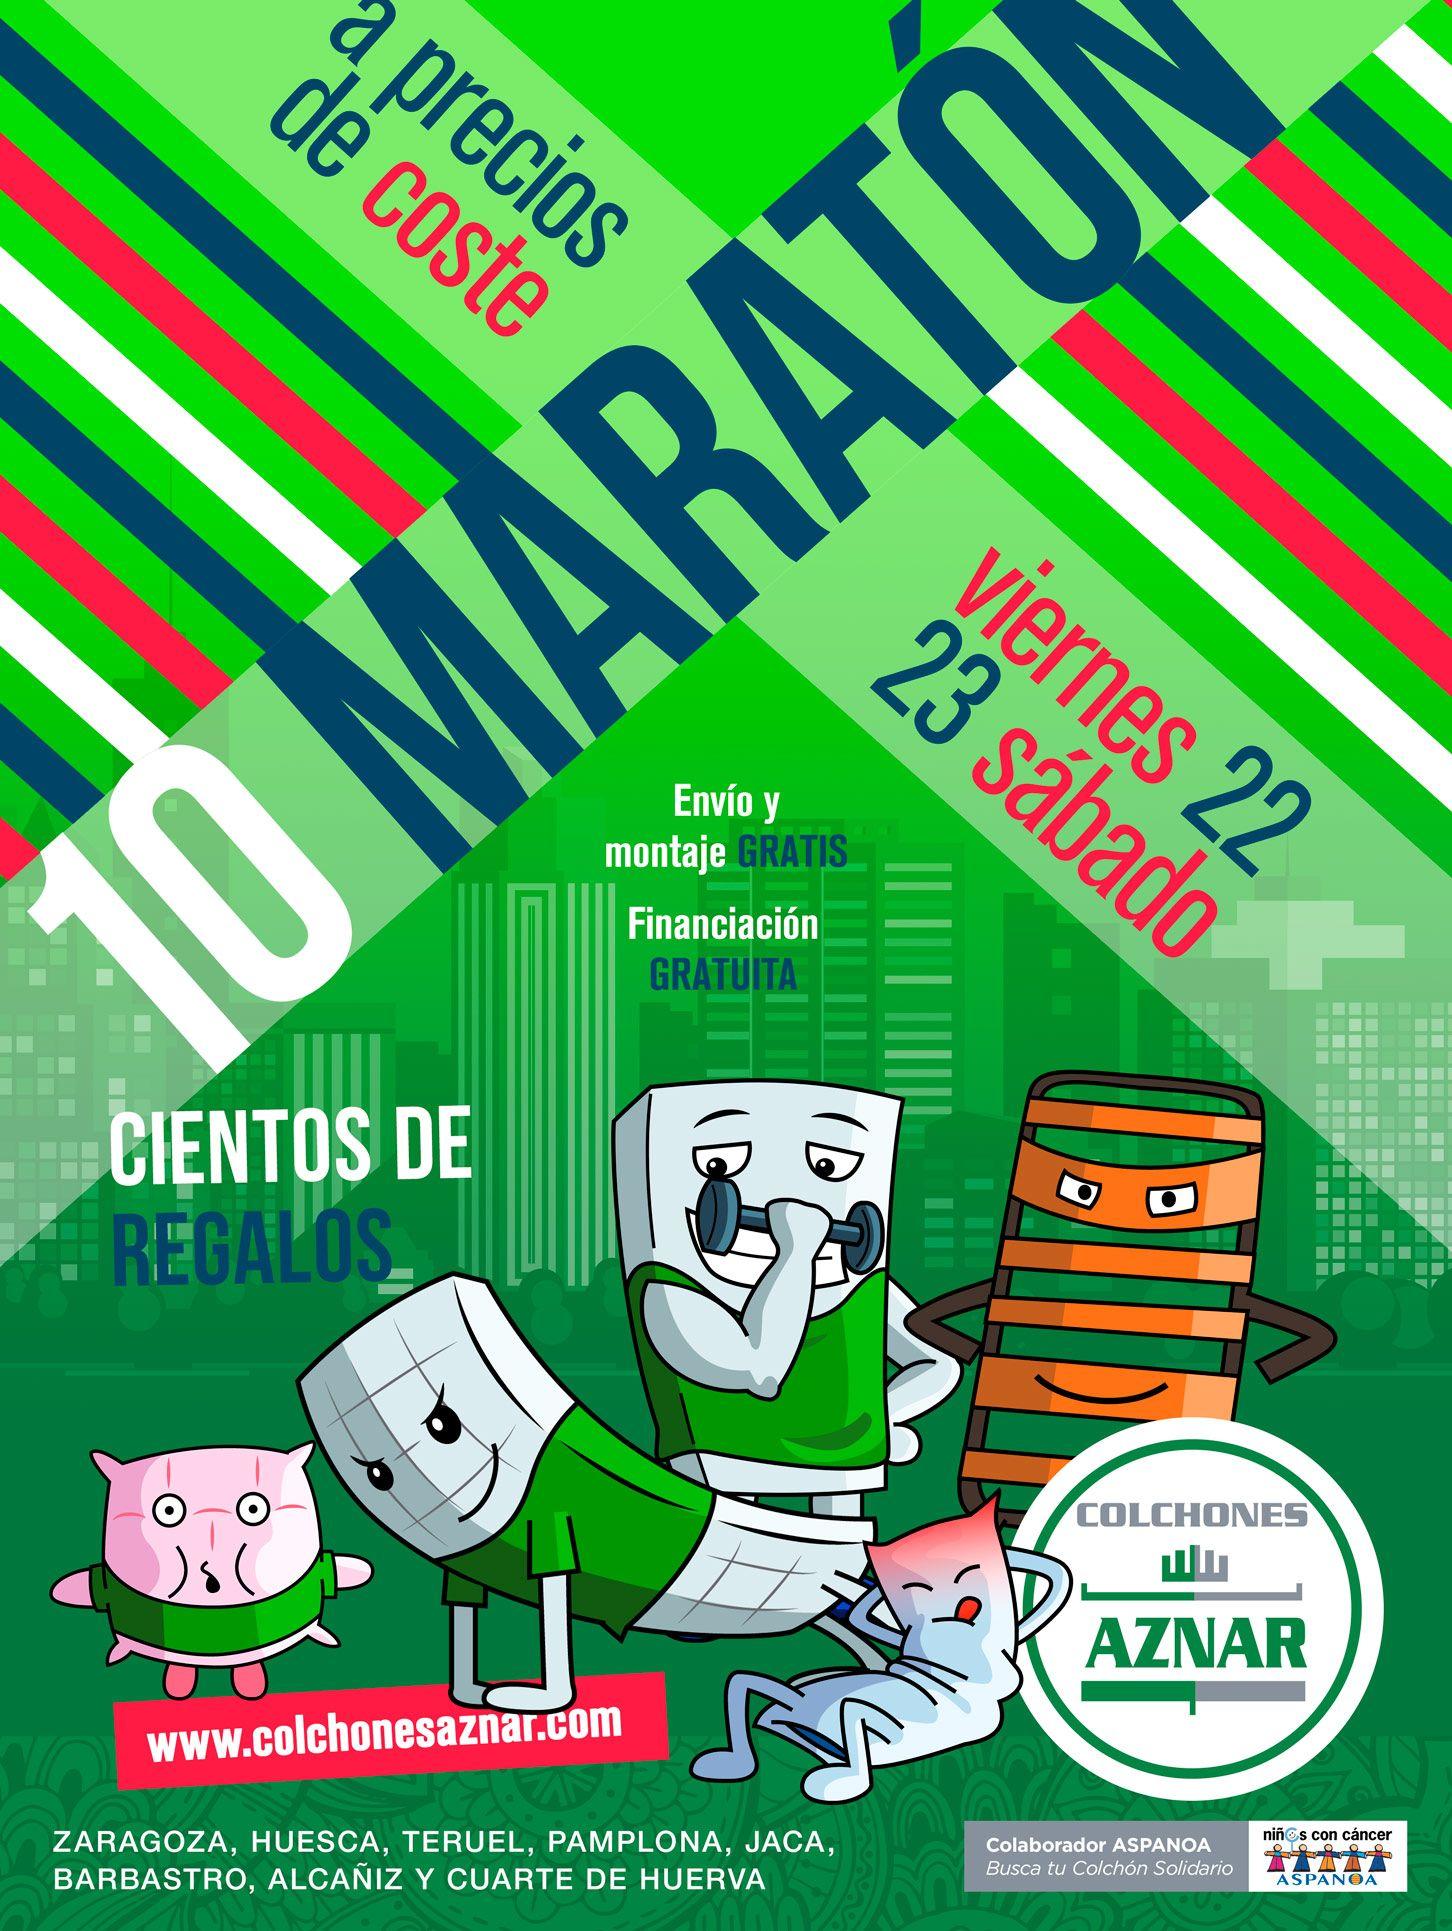 alt - https://static.comunicae.com/photos/notas/1196472/1528903263_10_Maraton_ofertas_colchones_aznar.jpg